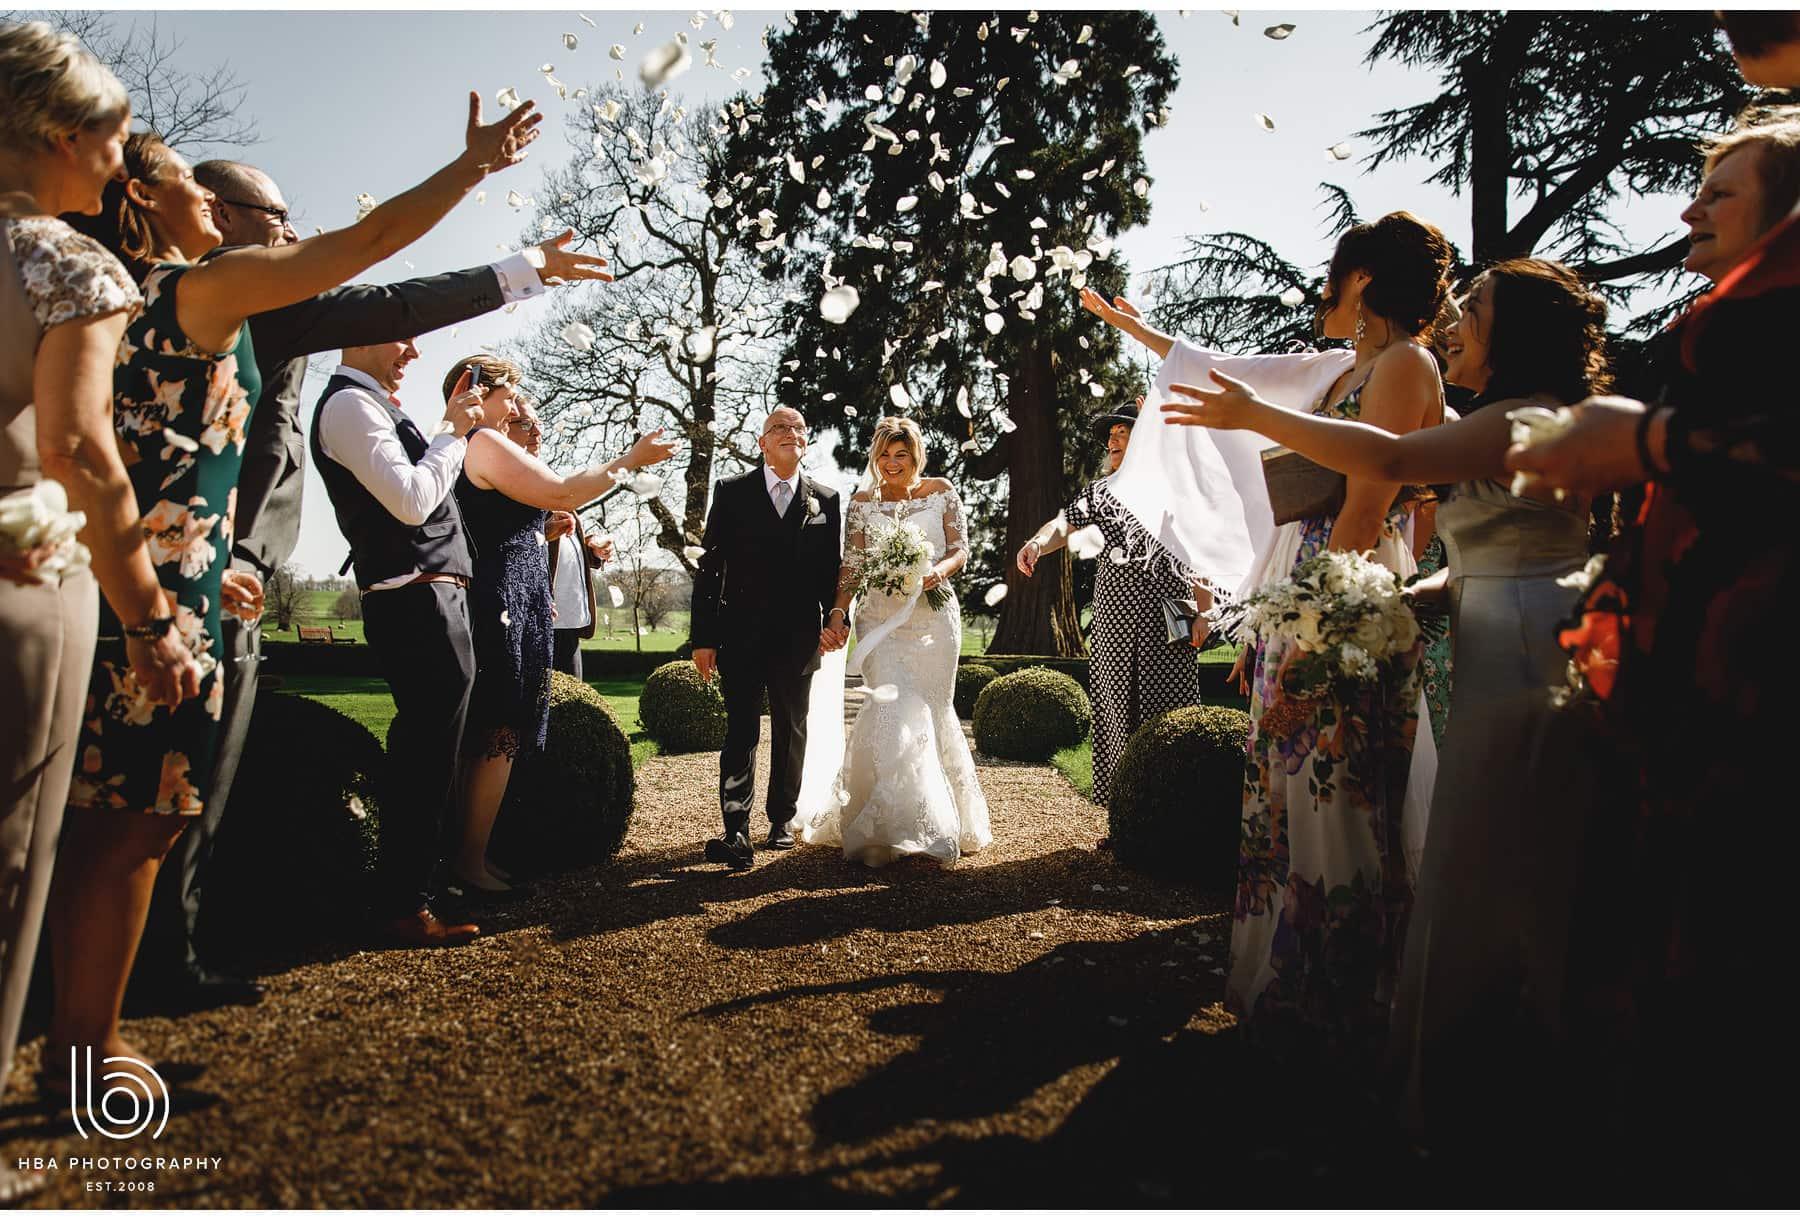 the bride & groom in the confetti tunnel